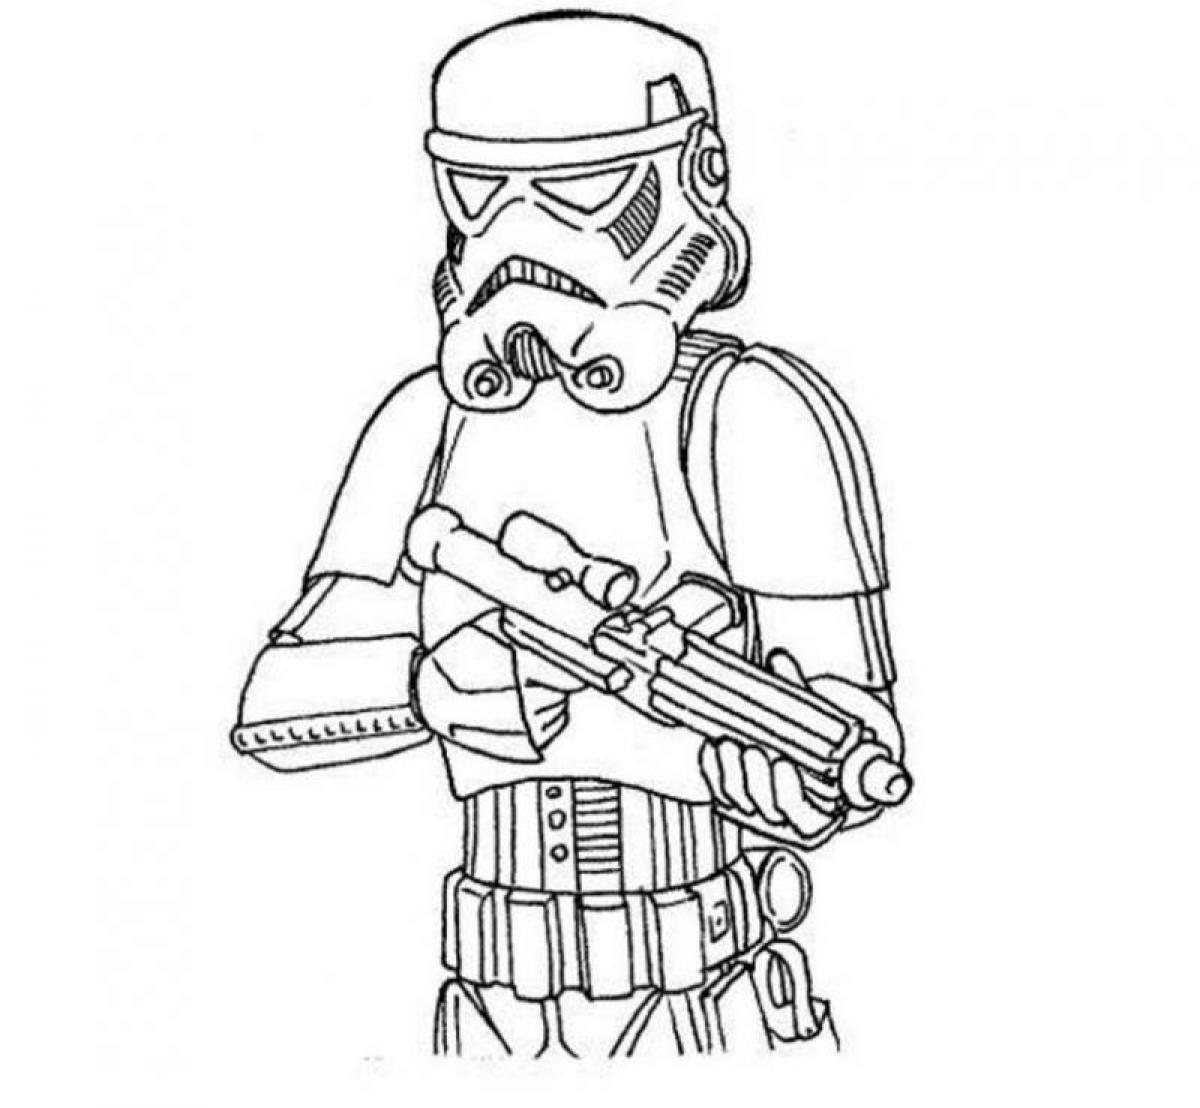 1200x1108 Star Wars Stormtrooper Coloring Page Kids Unusual Storm Trooper